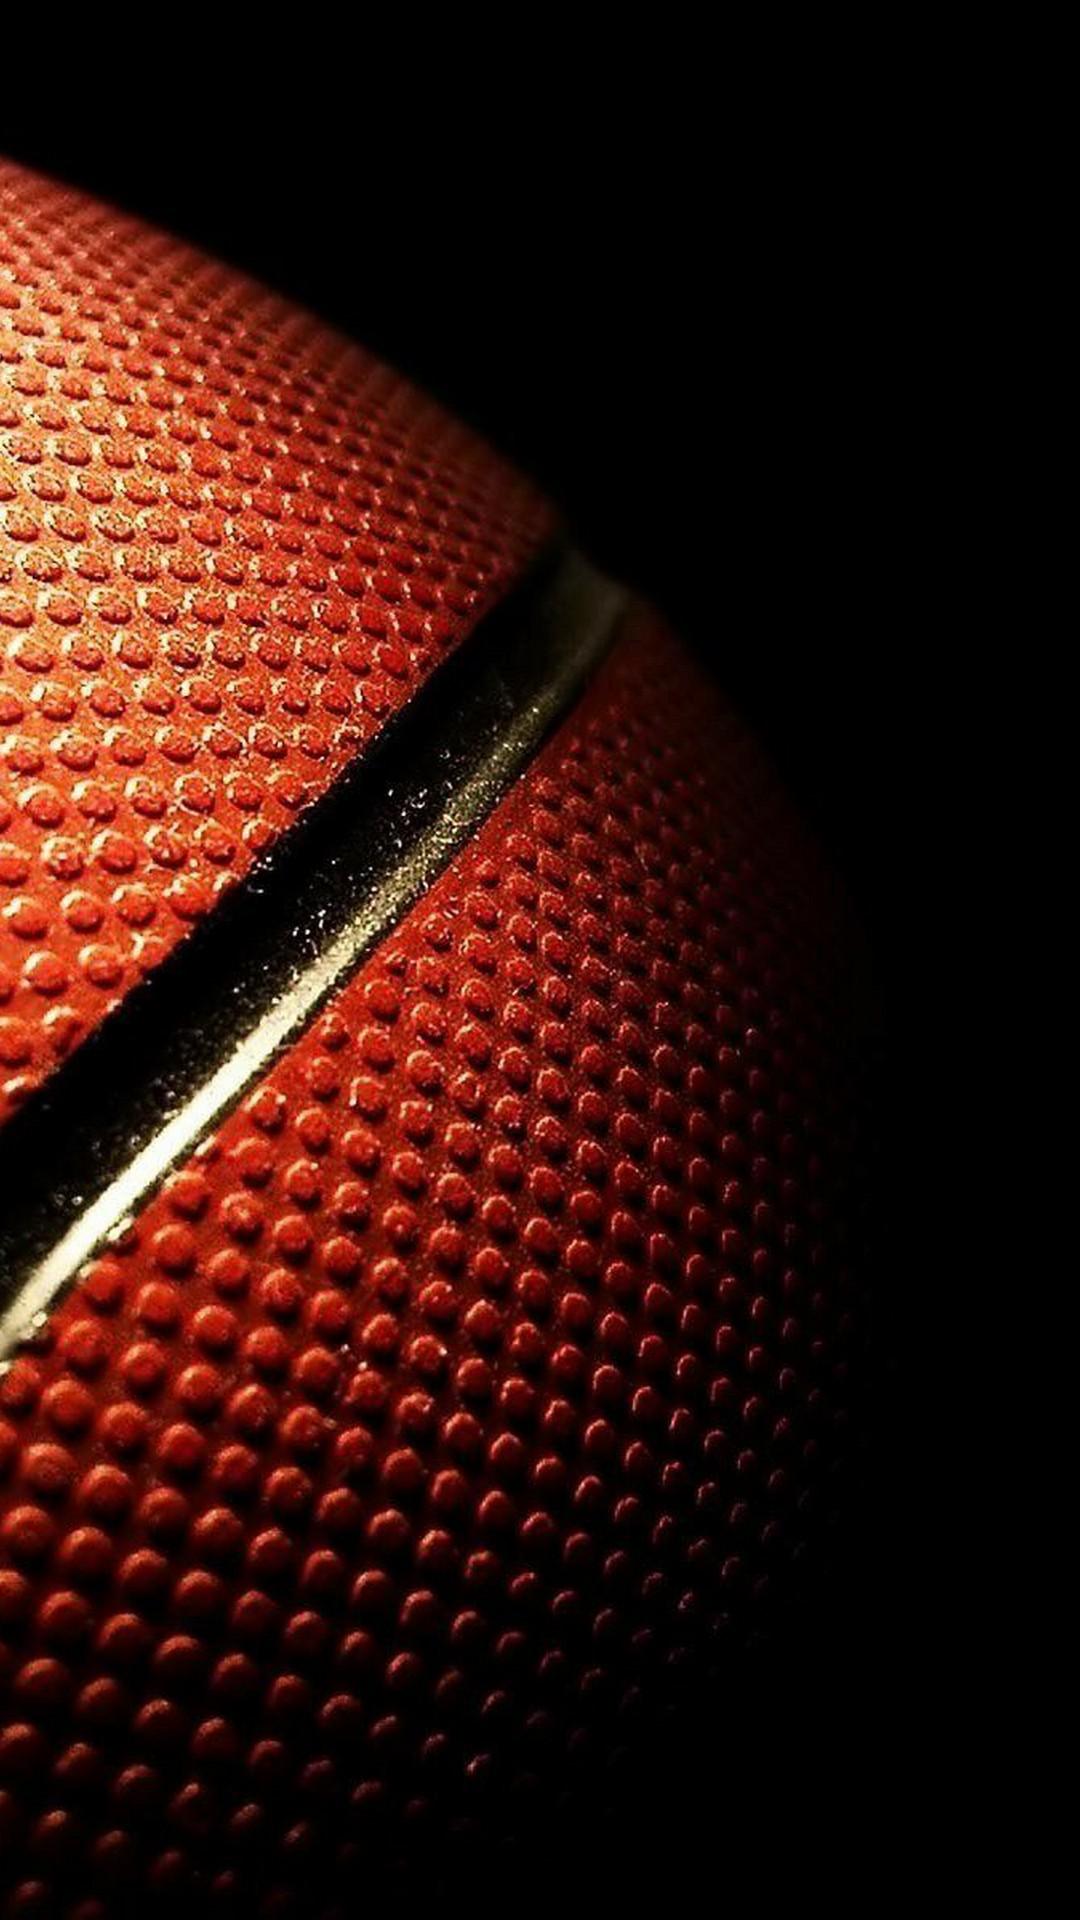 wallpaper basketball iphone 2019